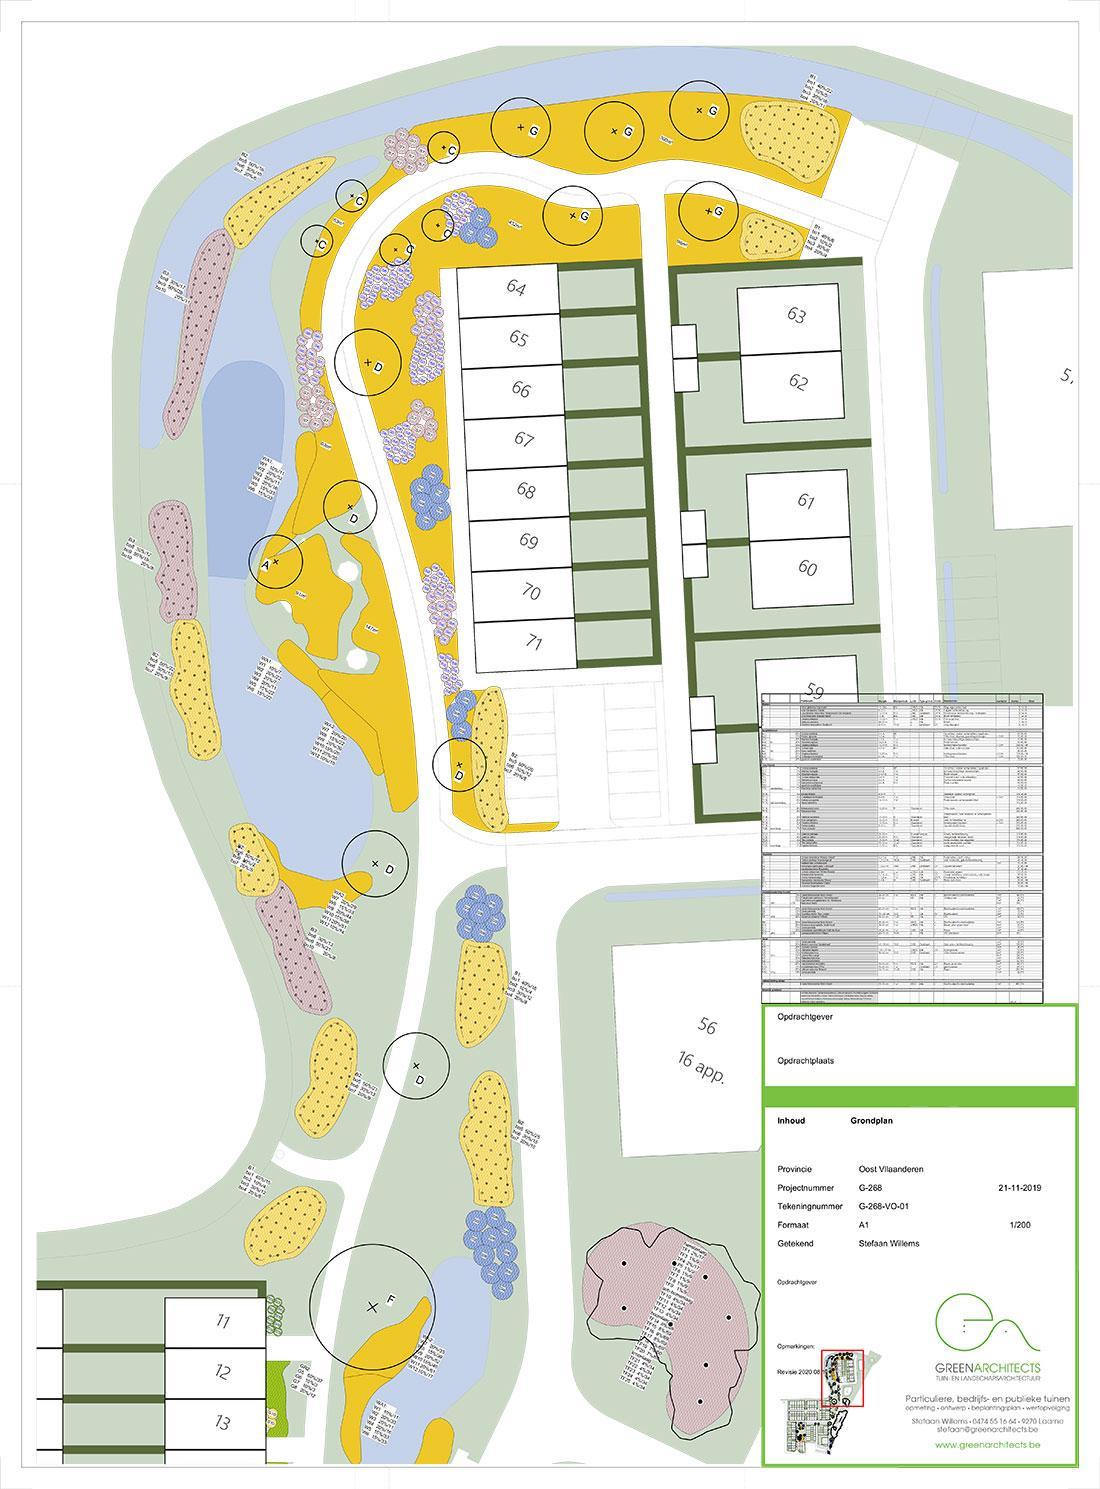 GREENARCHITECTS-TUINARCHITECT-STEFAAN-WILLEMS-omgevingsaanleg-verkaveling-menen-beplantingsplan-deel-3.jpg